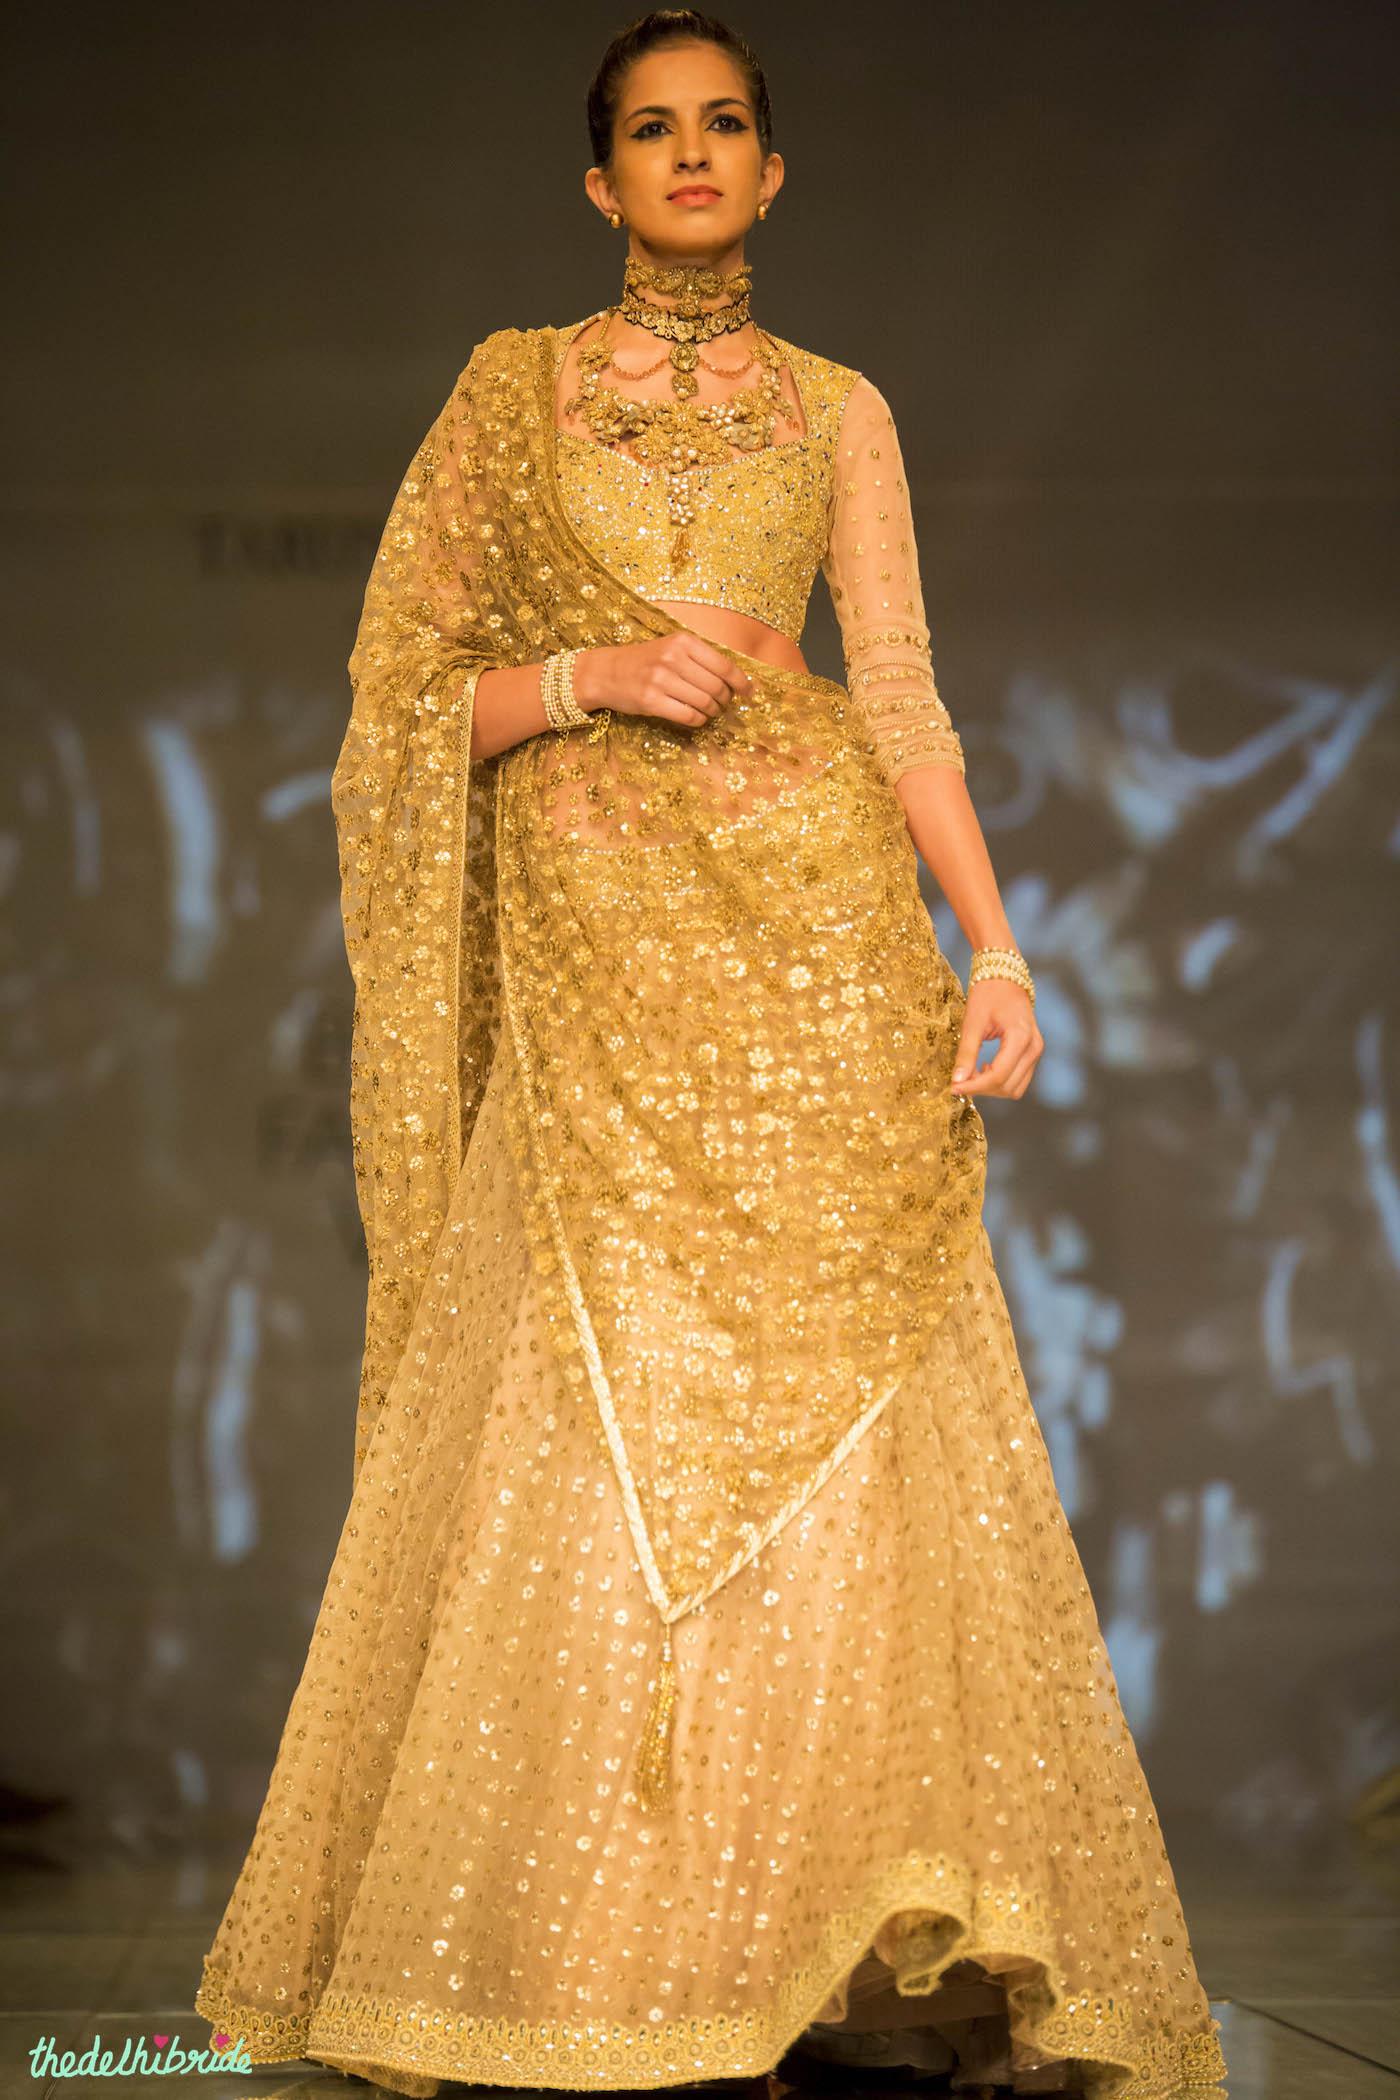 Luxury Fashion Blog India